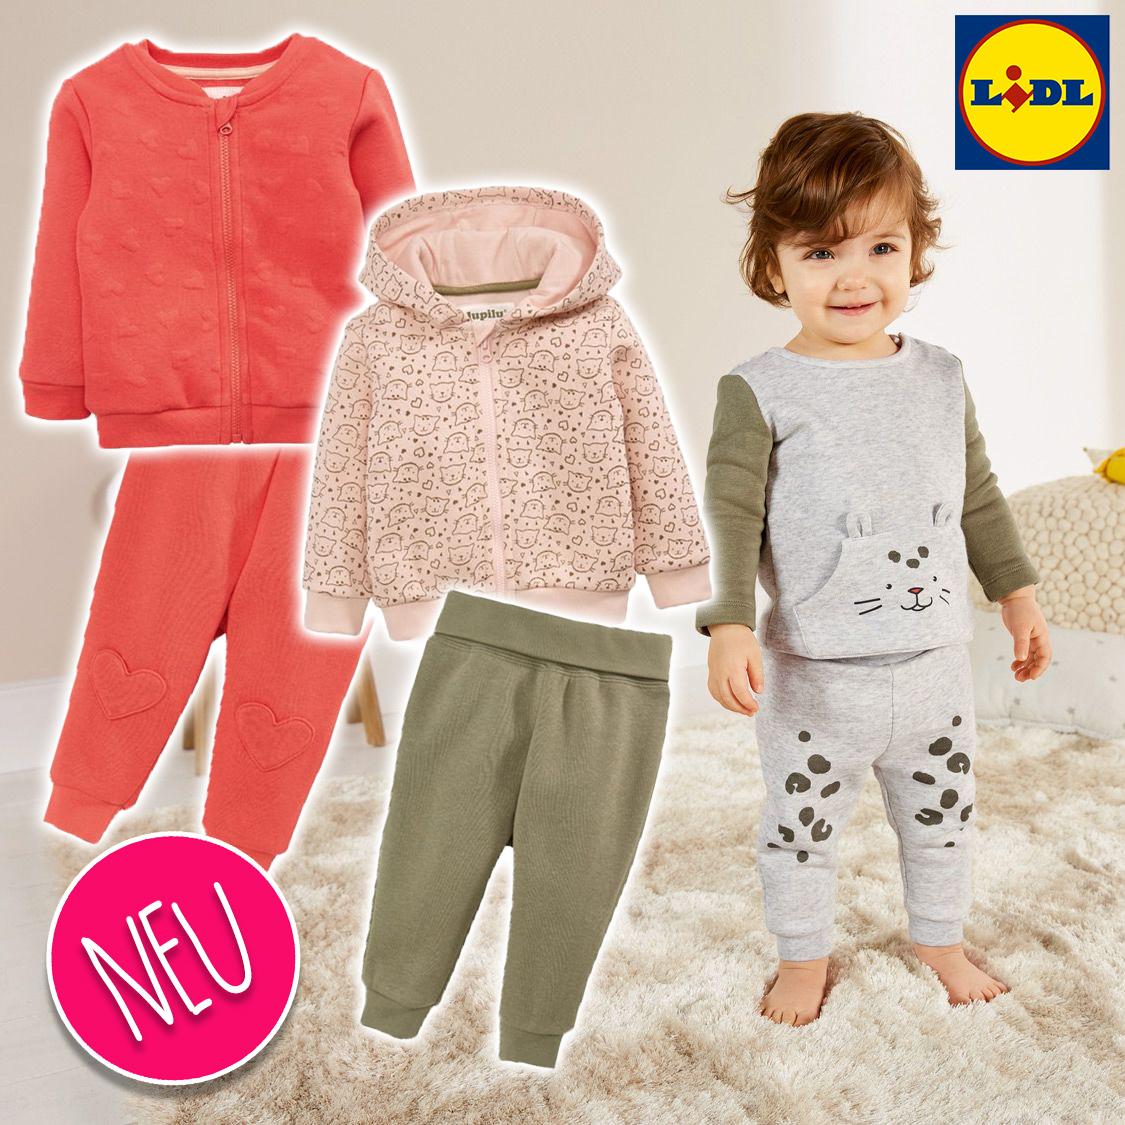 Neue LIDL Kollektion für Kleinkinder